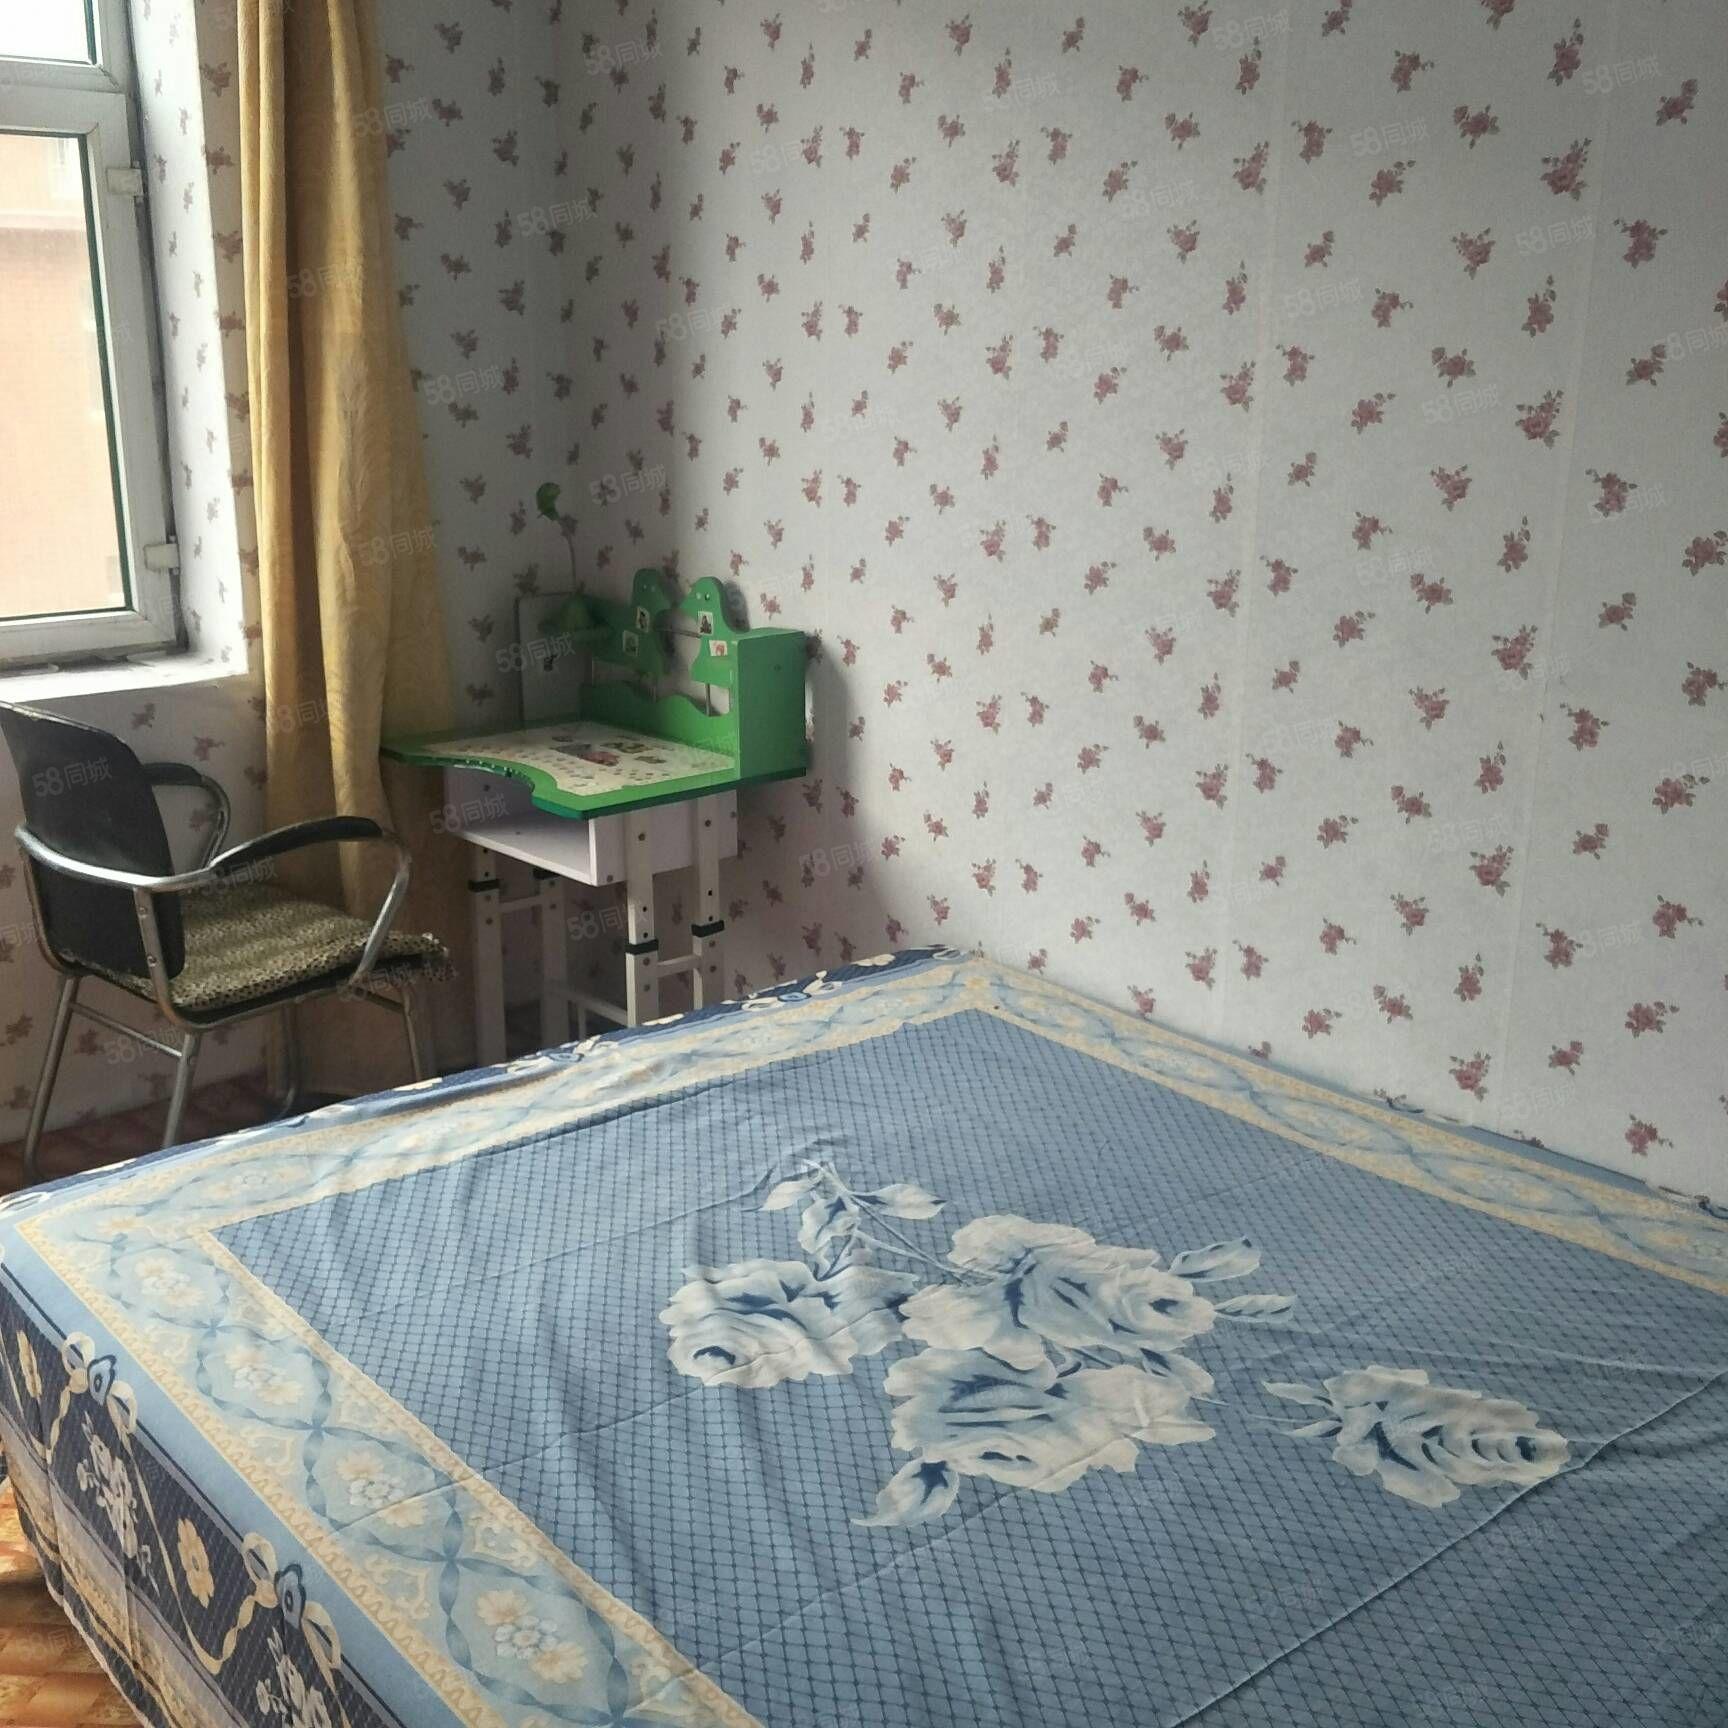 興達富苑三樓一室一廳,家電齊全,拎包入住,小區環境好